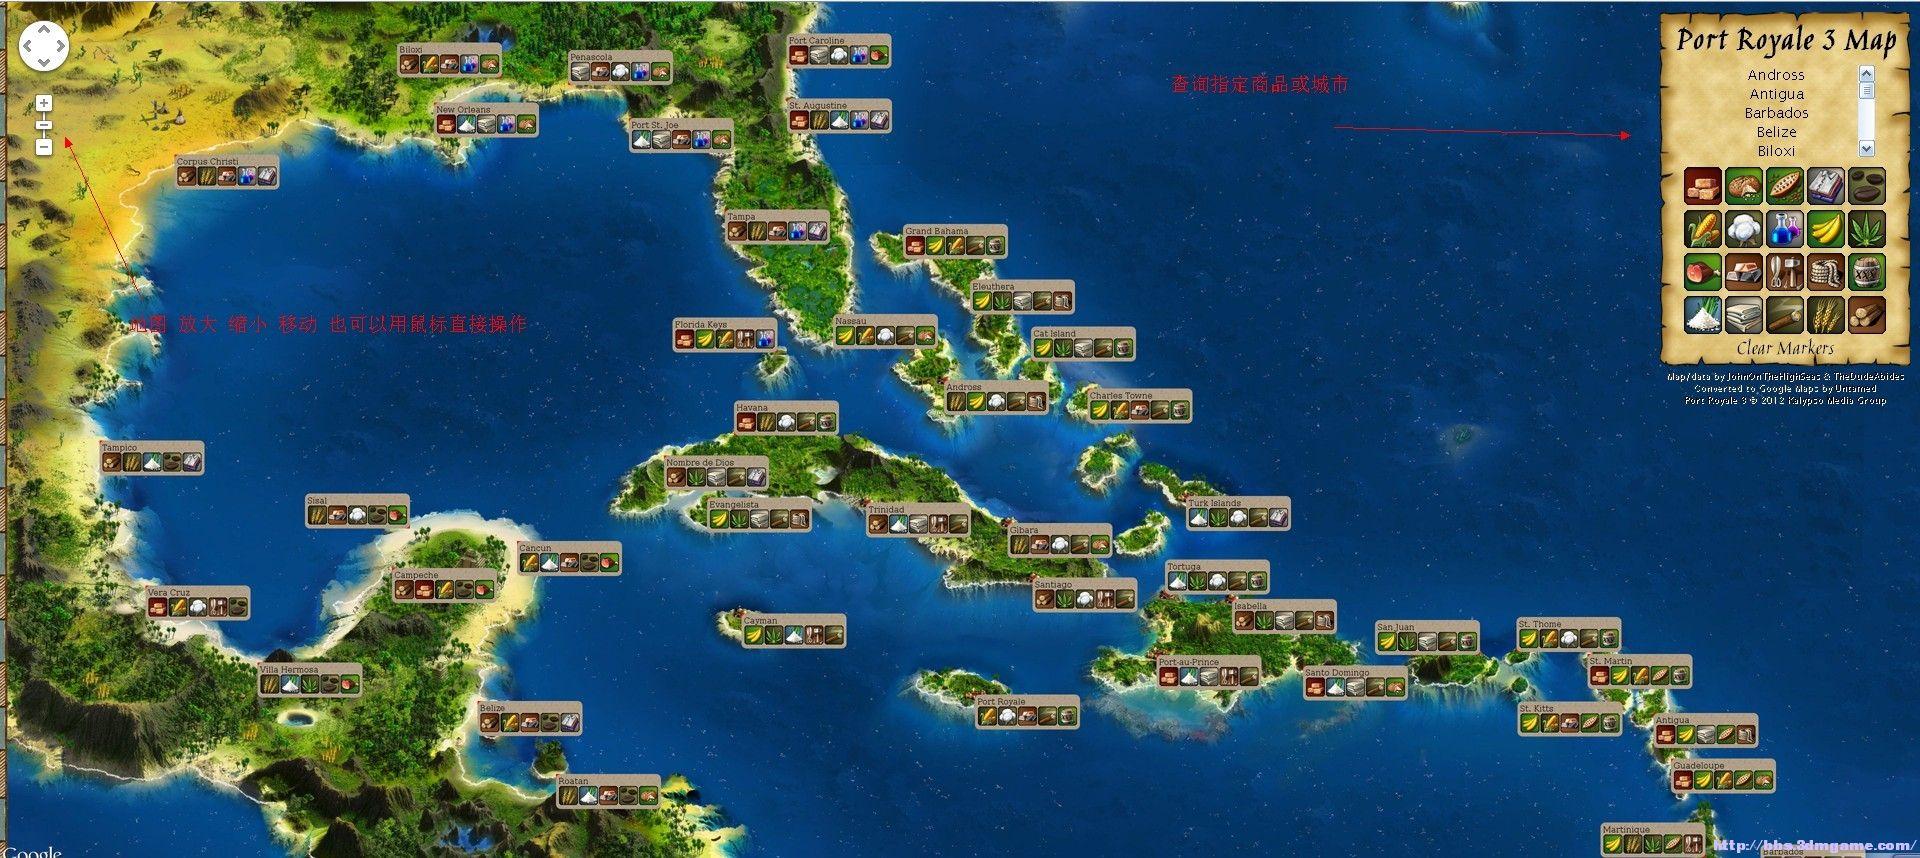 要塞3单机游戏下载_海商王3港口信息图_乐游网